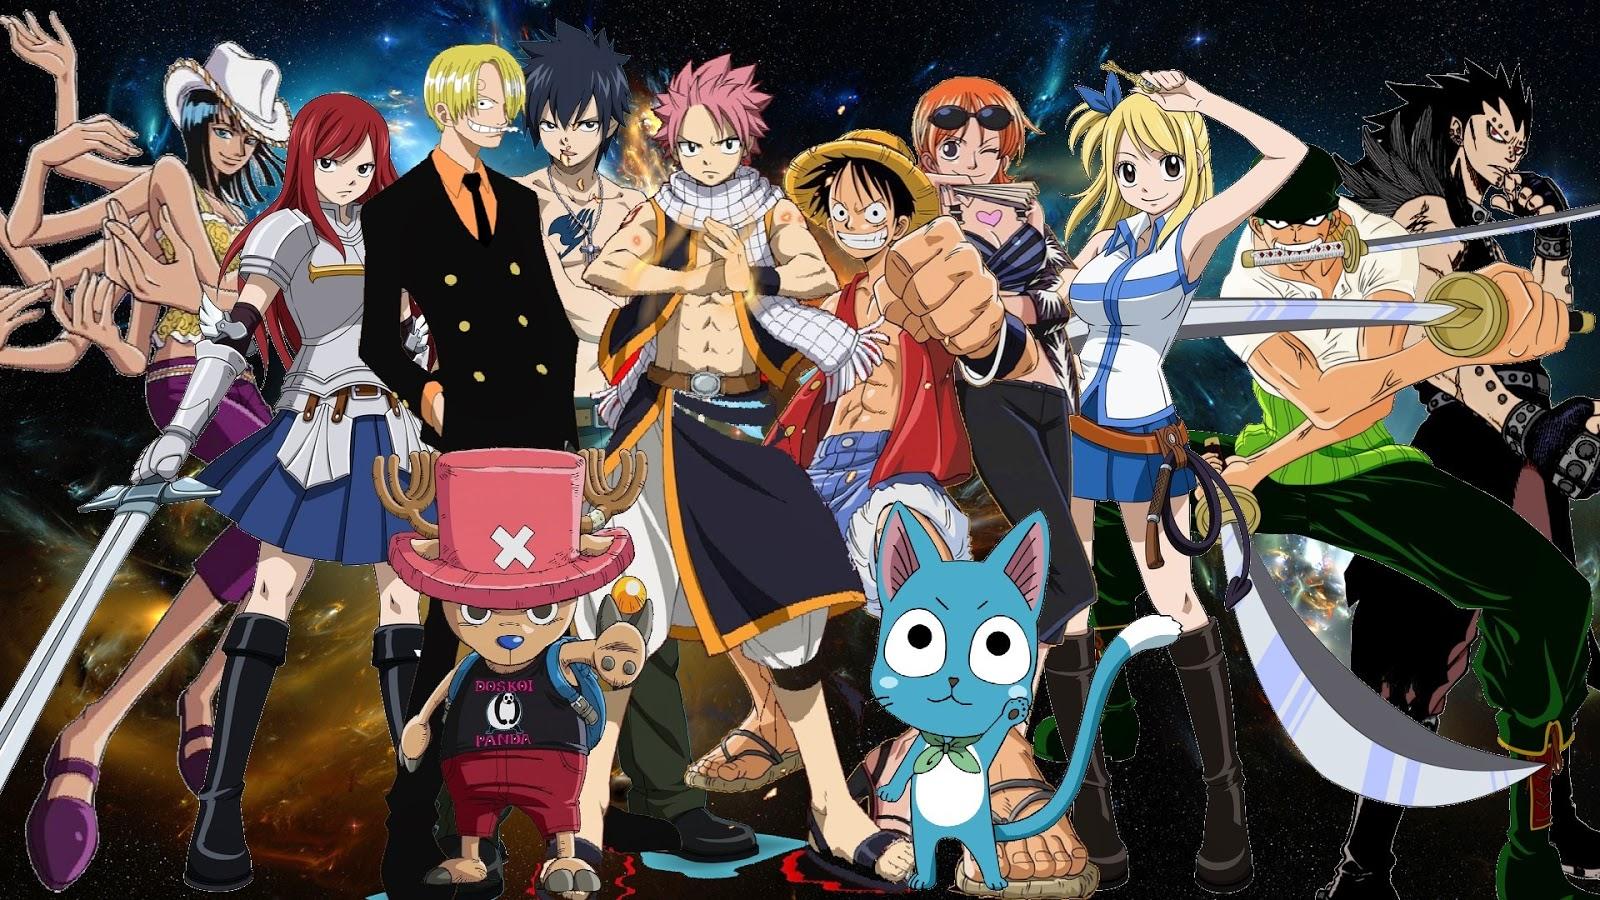 Quer assistir anime online e n o sabe onde - Imagens em hd de animes ...